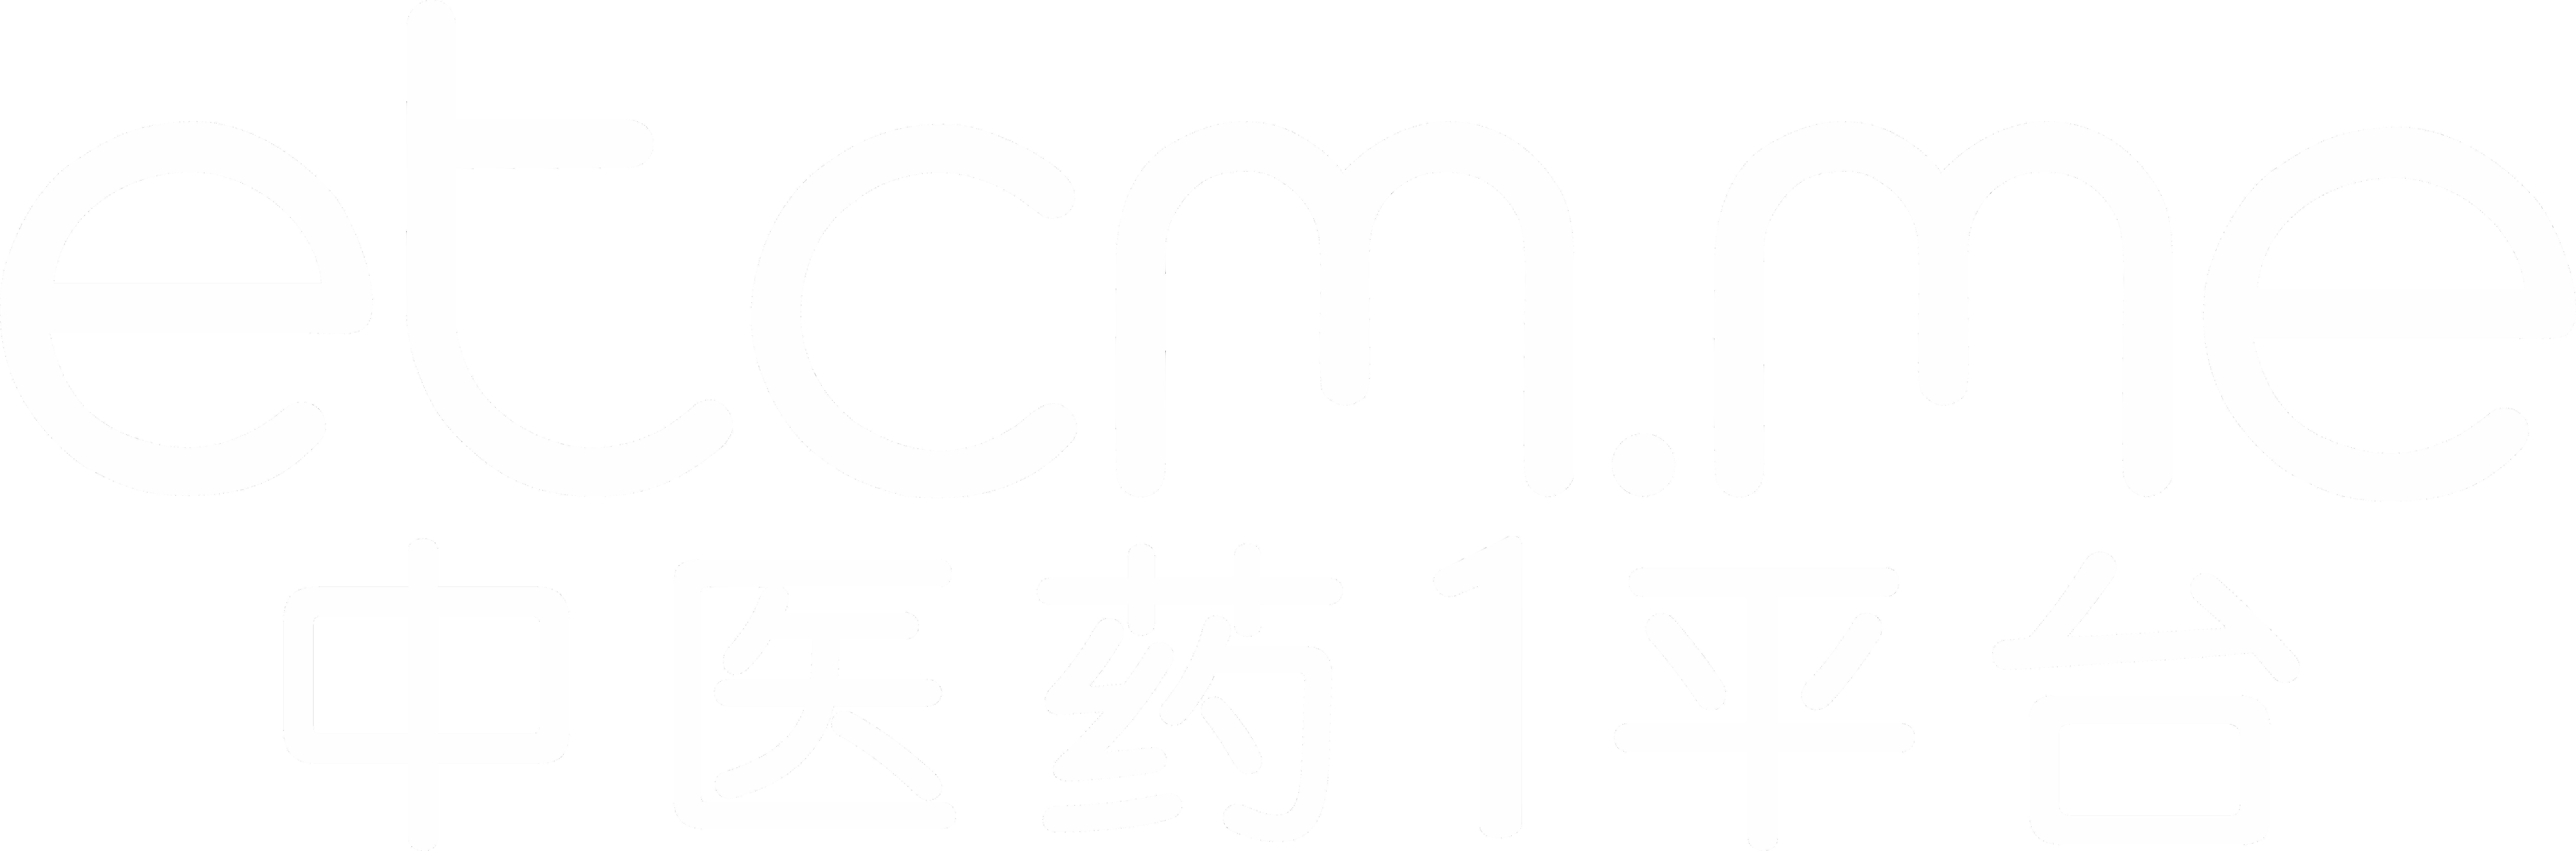 马来西亚中医中药平台 ETCM Malaysia Online TCM